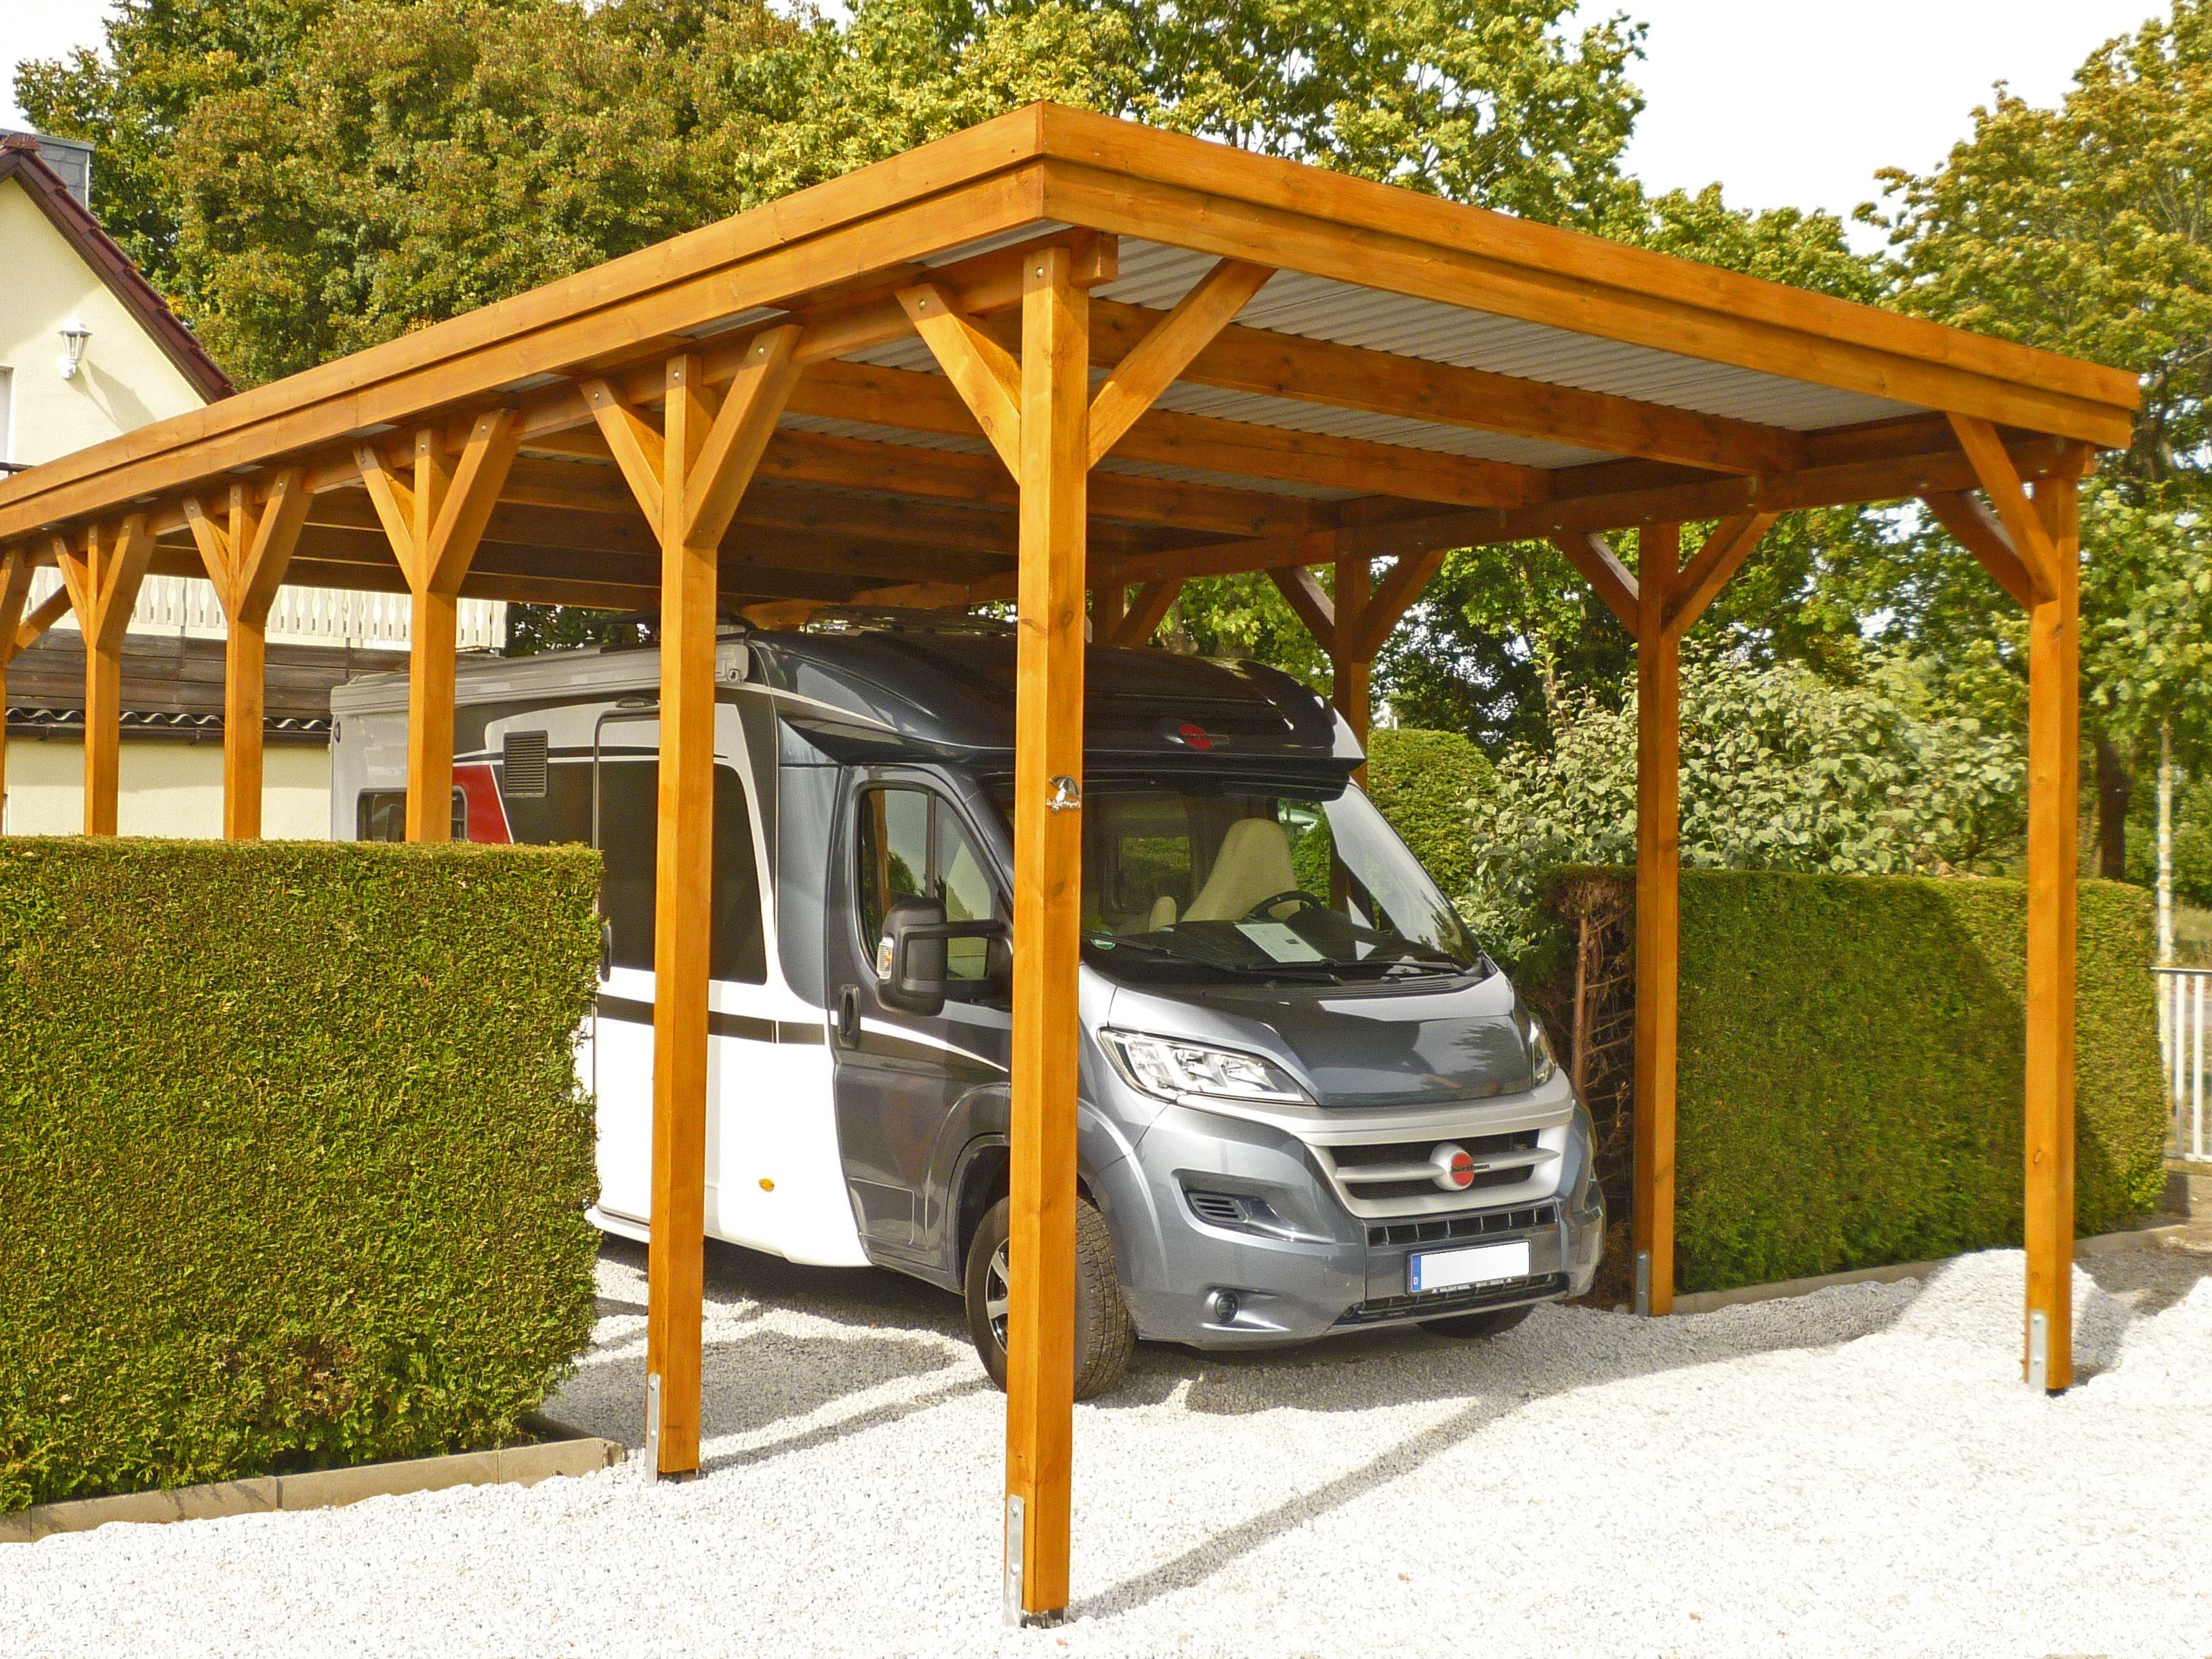 WohnmobilCarport aus Holz mit Komfortbreite, Lichte Höhe